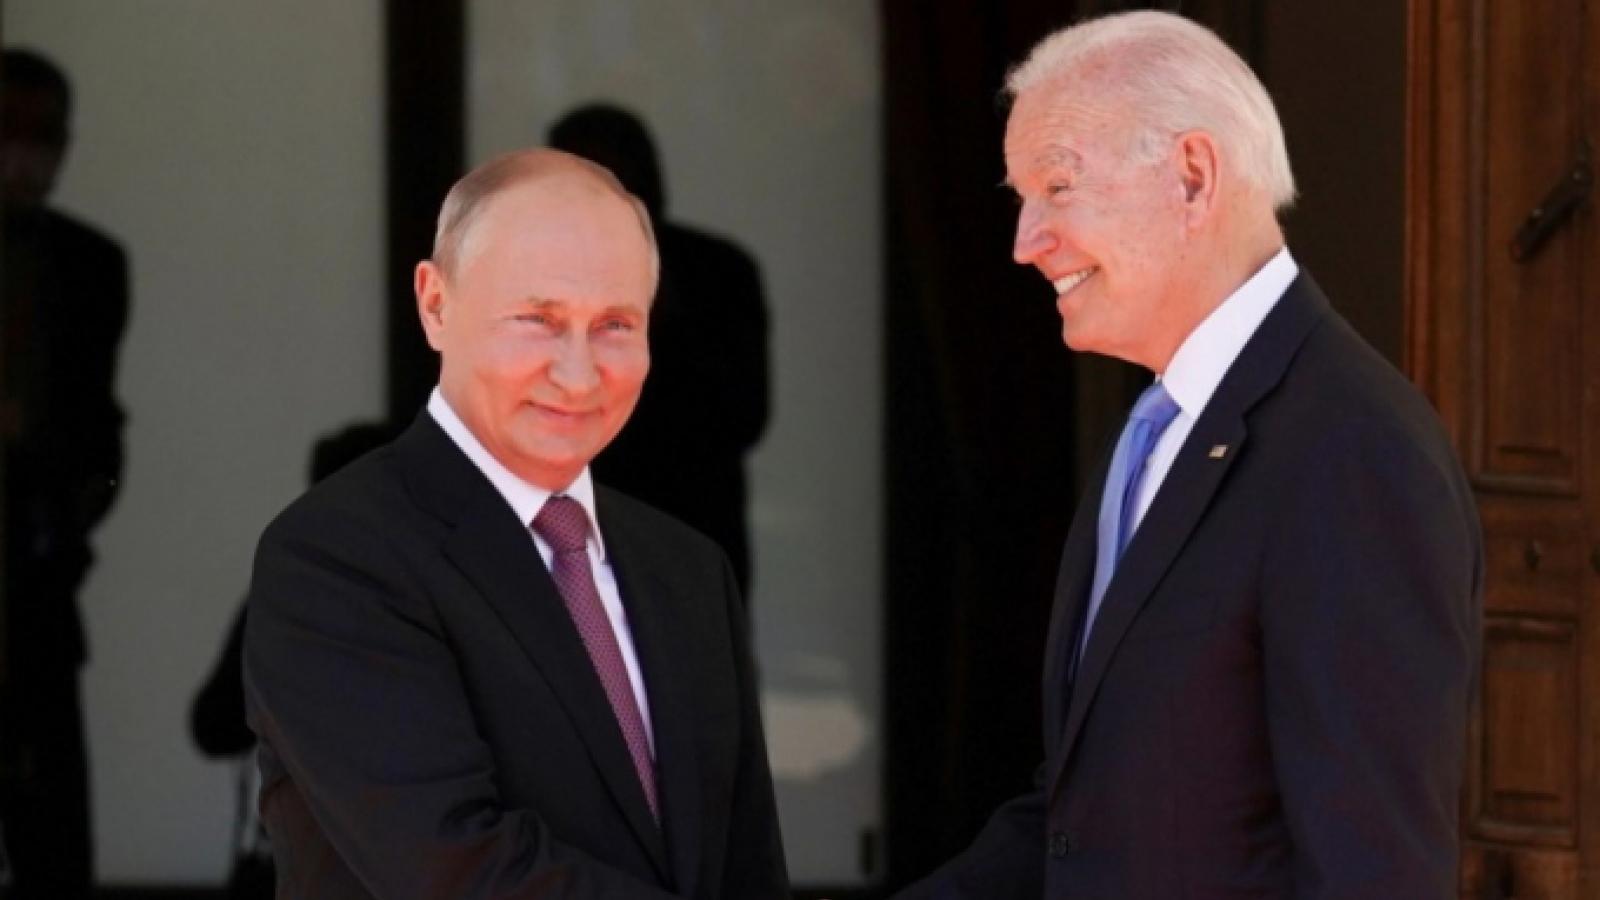 Dư luận lạc quan thận trọng về kết quả Thượng đỉnh Nga - Mỹ